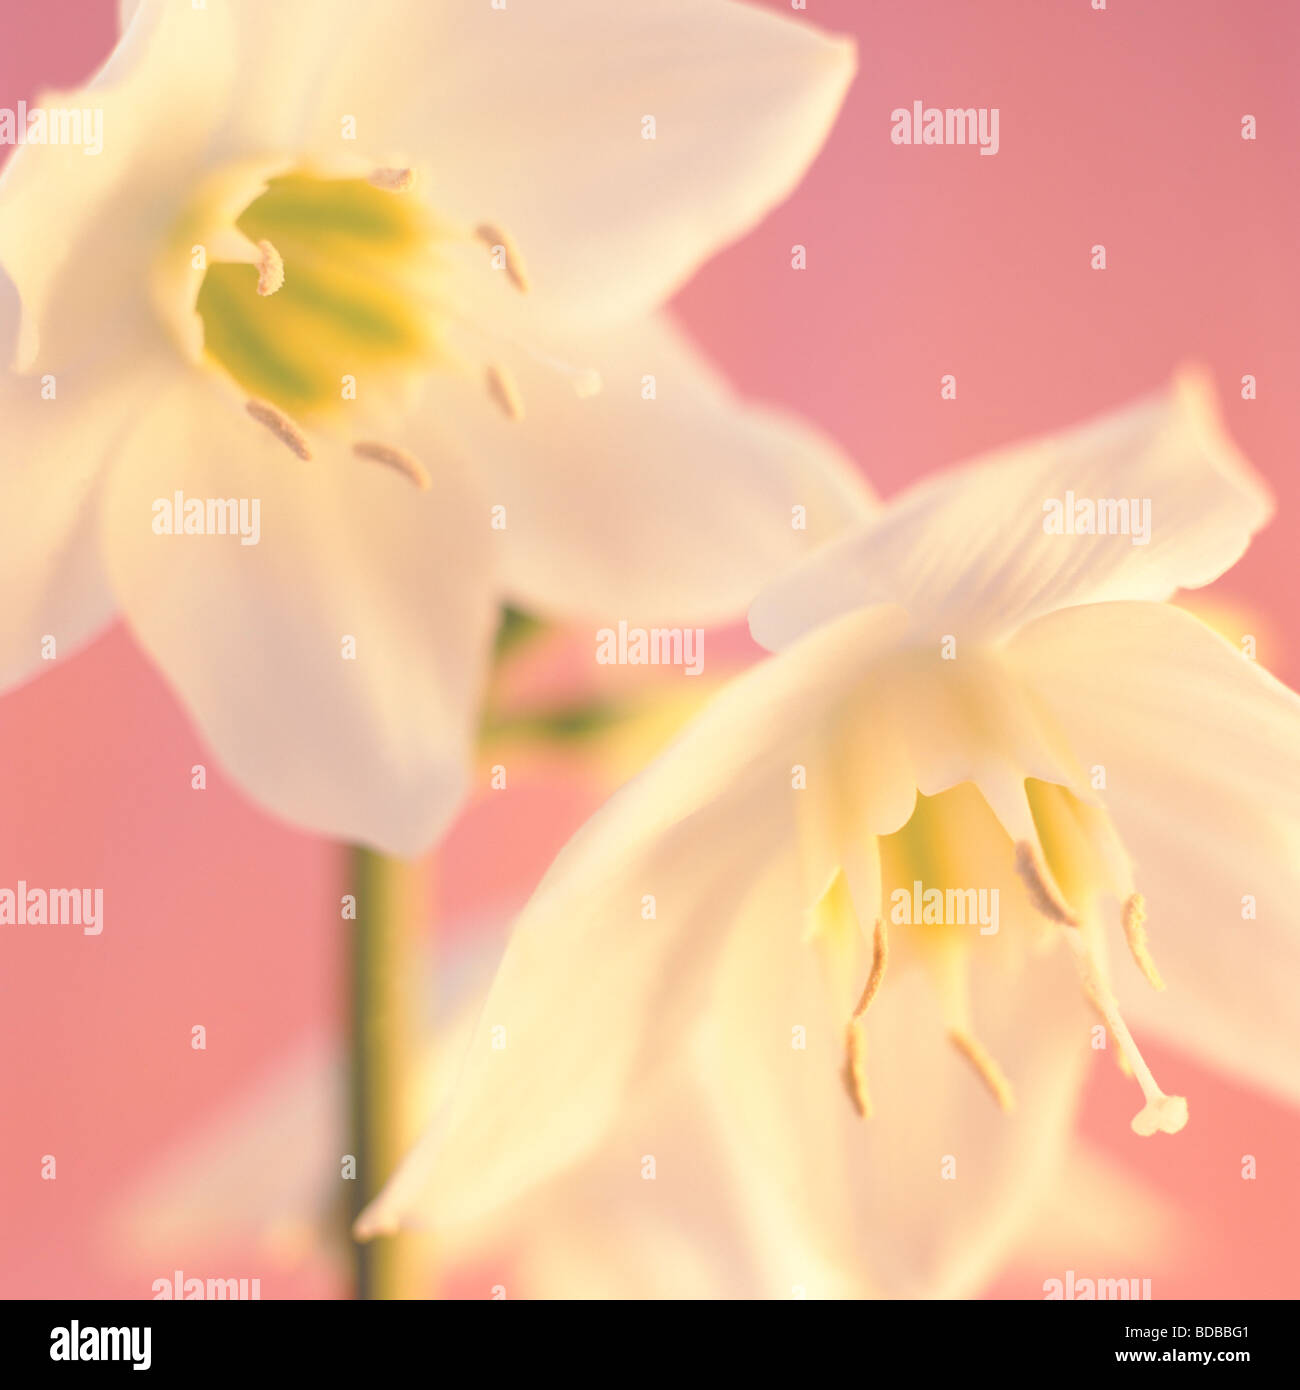 Romantique féminin eucharis fine art photography Photographie Jane Ann Butler JABP264 Photo Stock